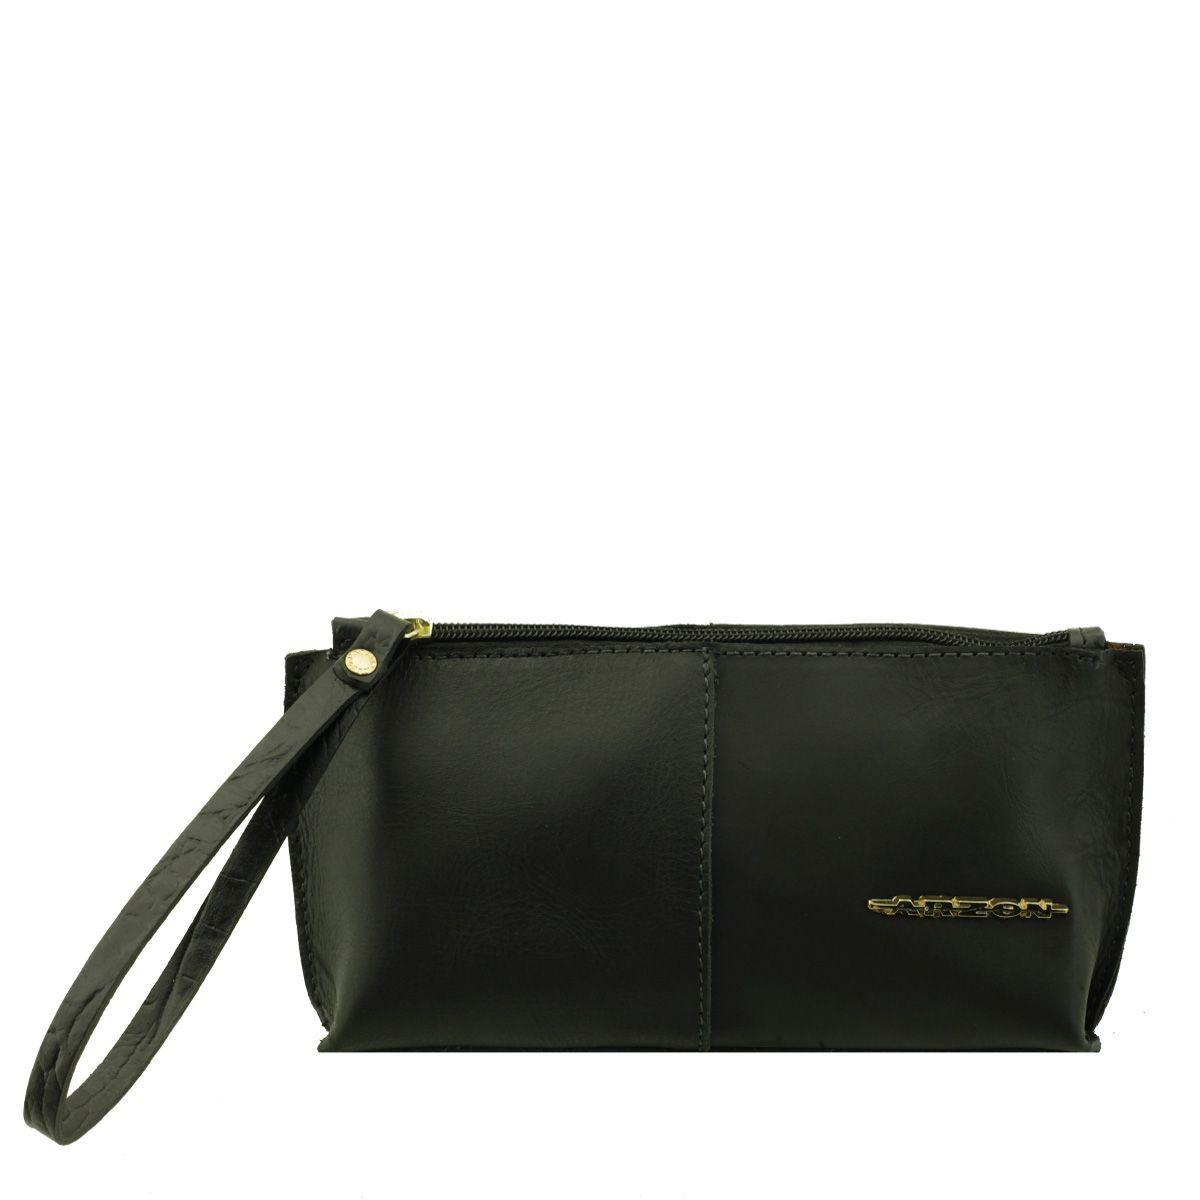 Bolsa de mão ou Necessaire com alça Preto Fosco